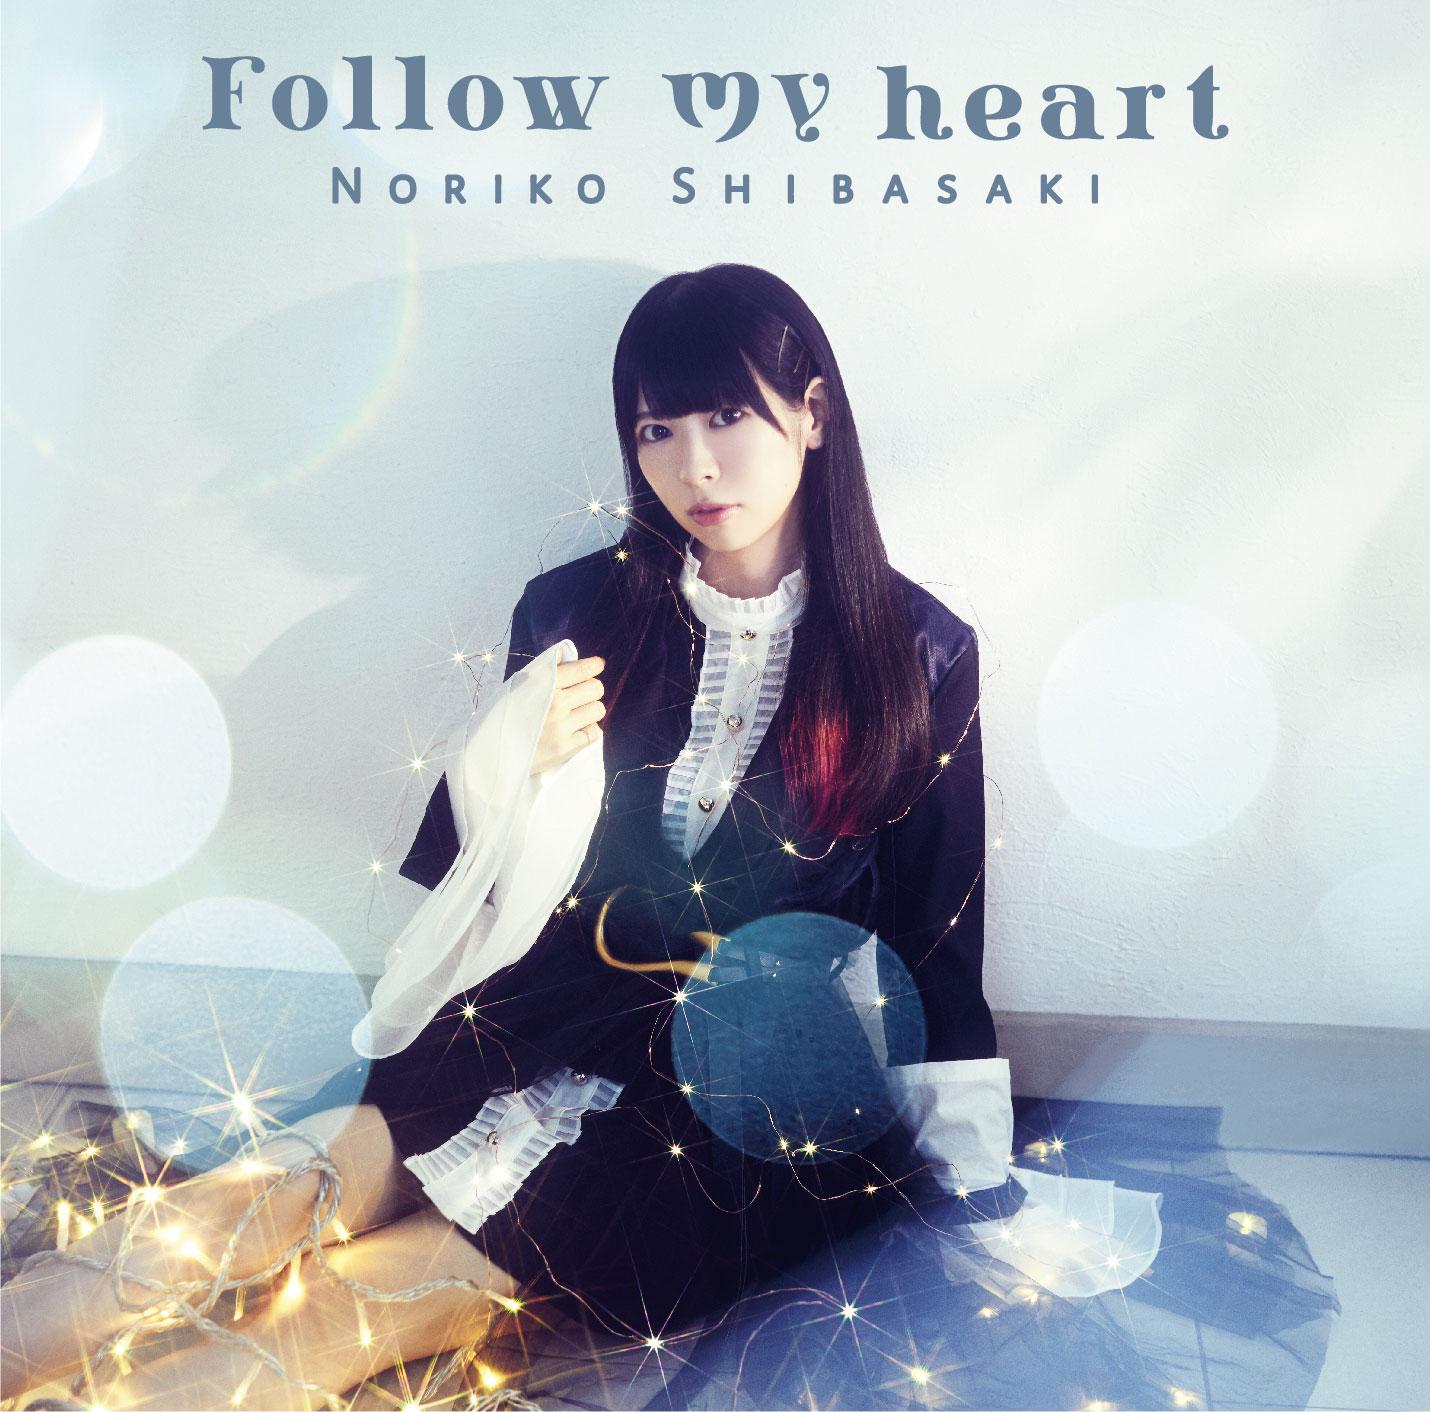 芝崎典子「Follow my heart」【初回限定盤】